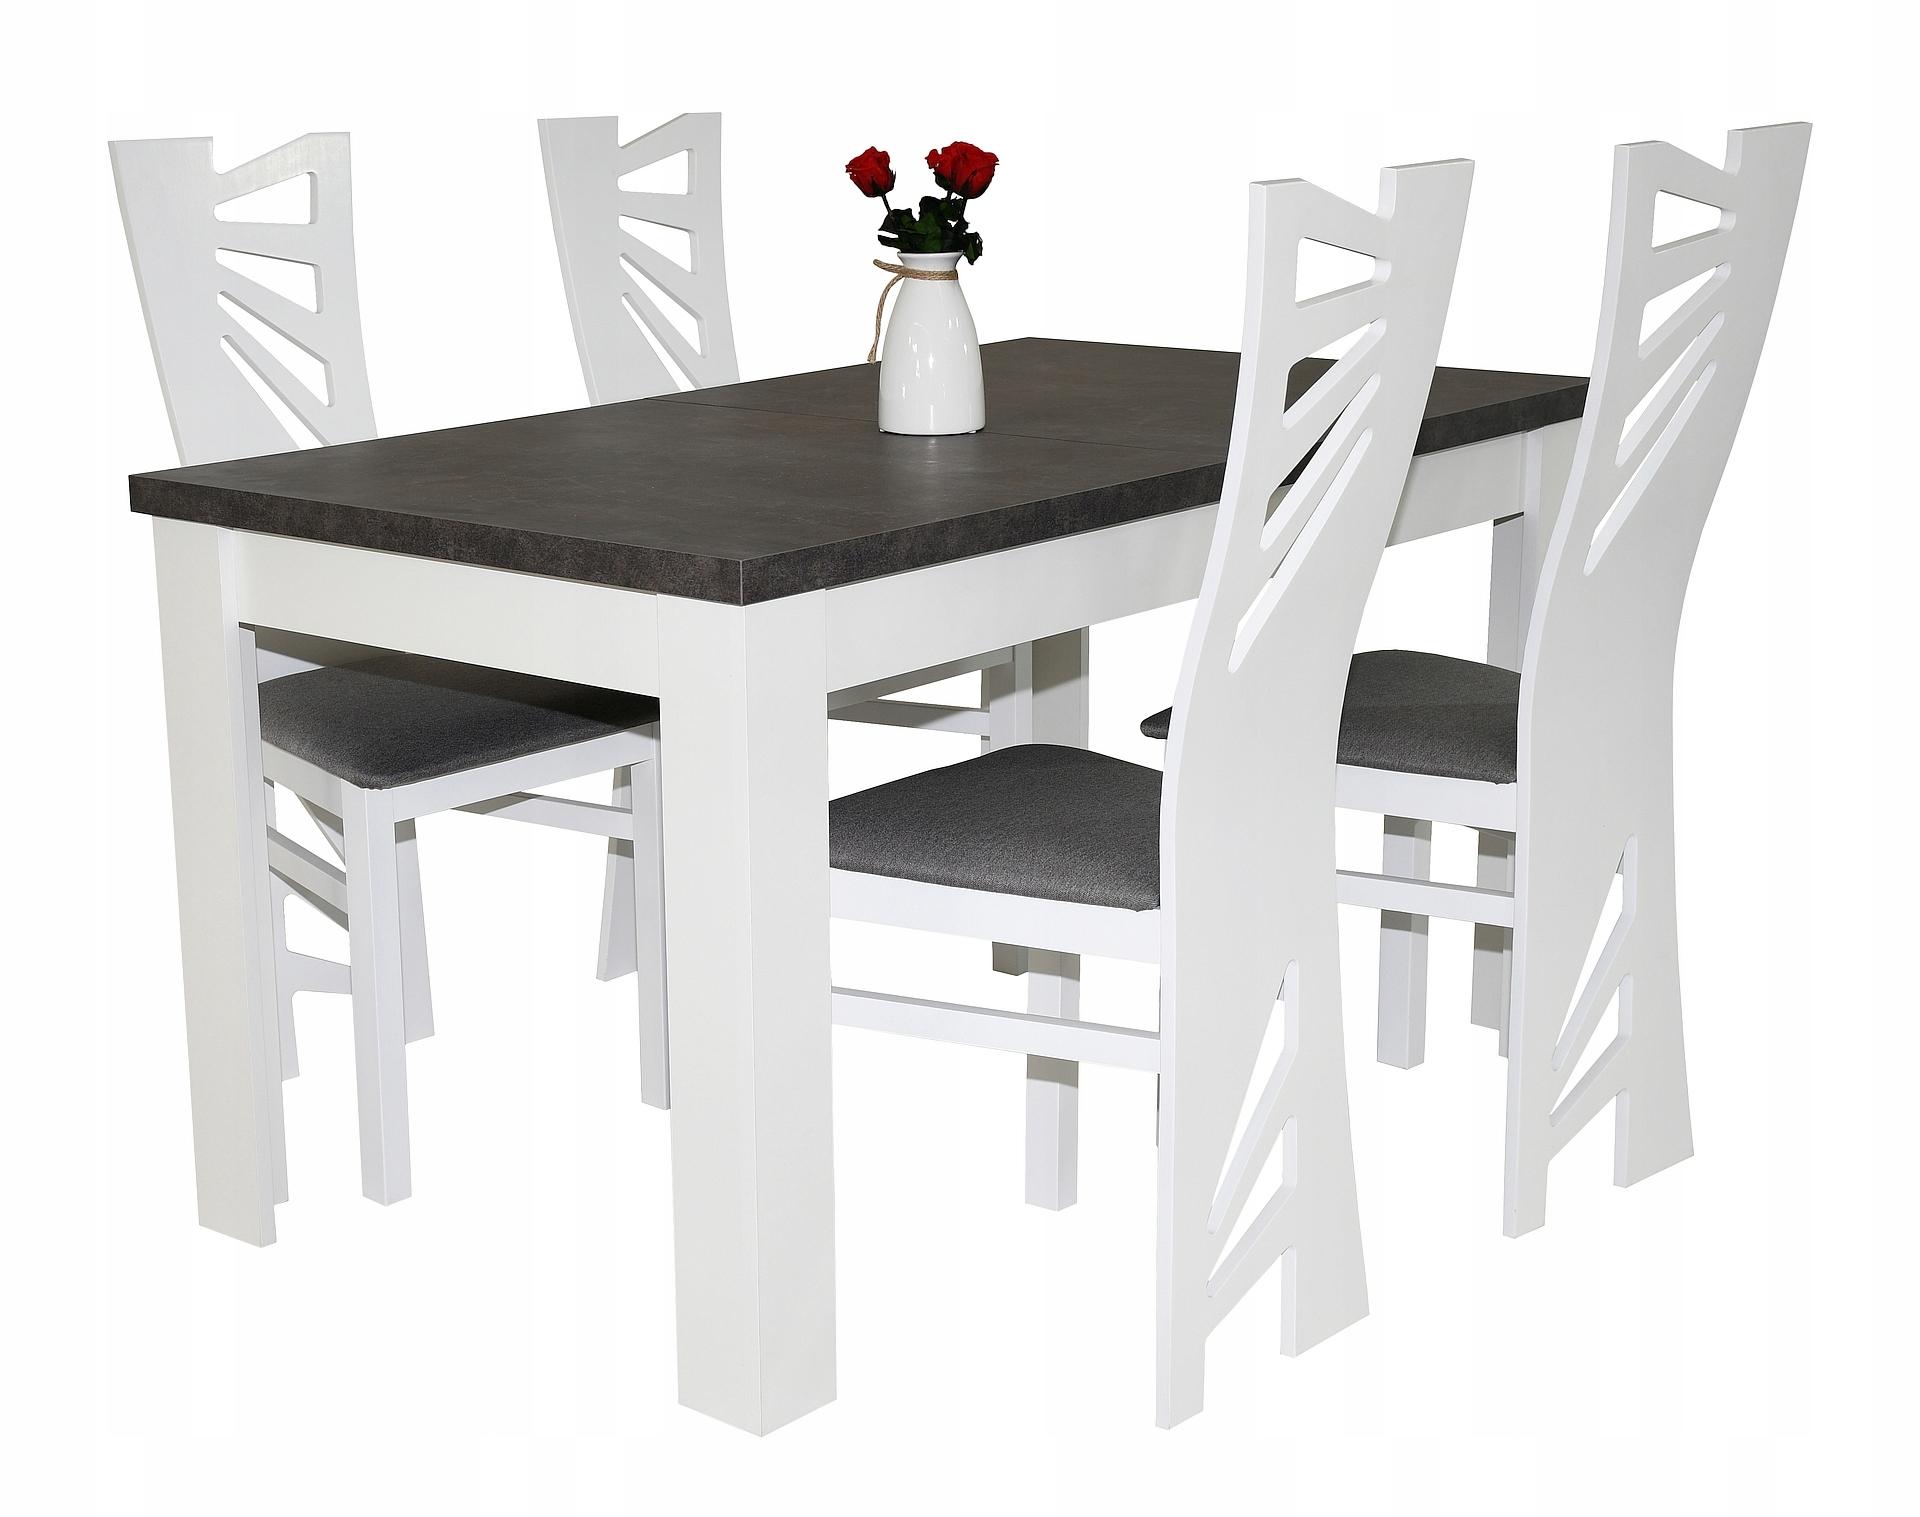 stół do salonu, stół do jadalni 4szt krzeseł białe